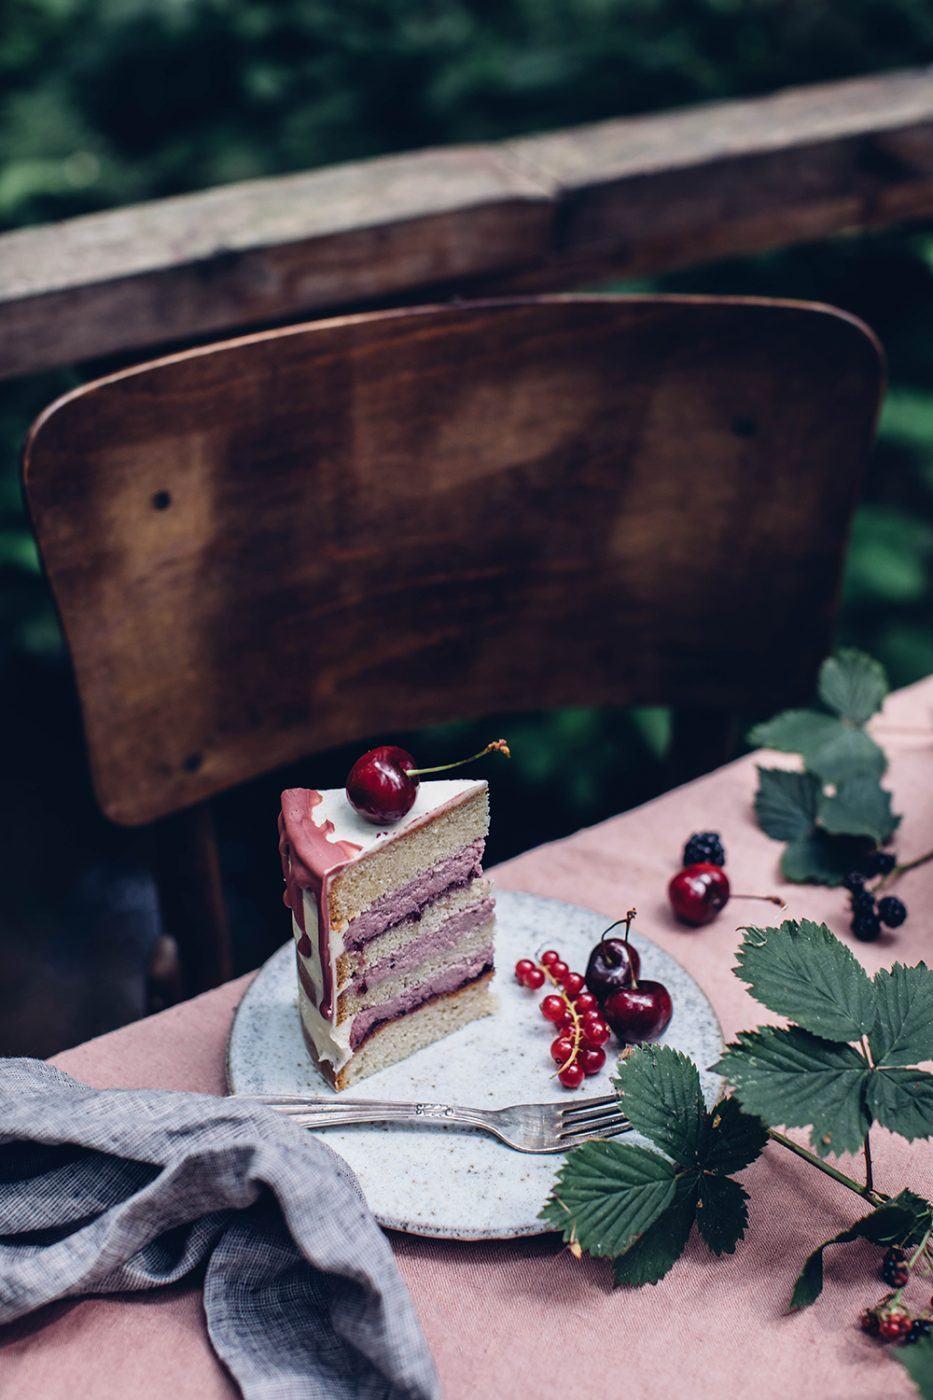 gluten-free cherry cardamom cake